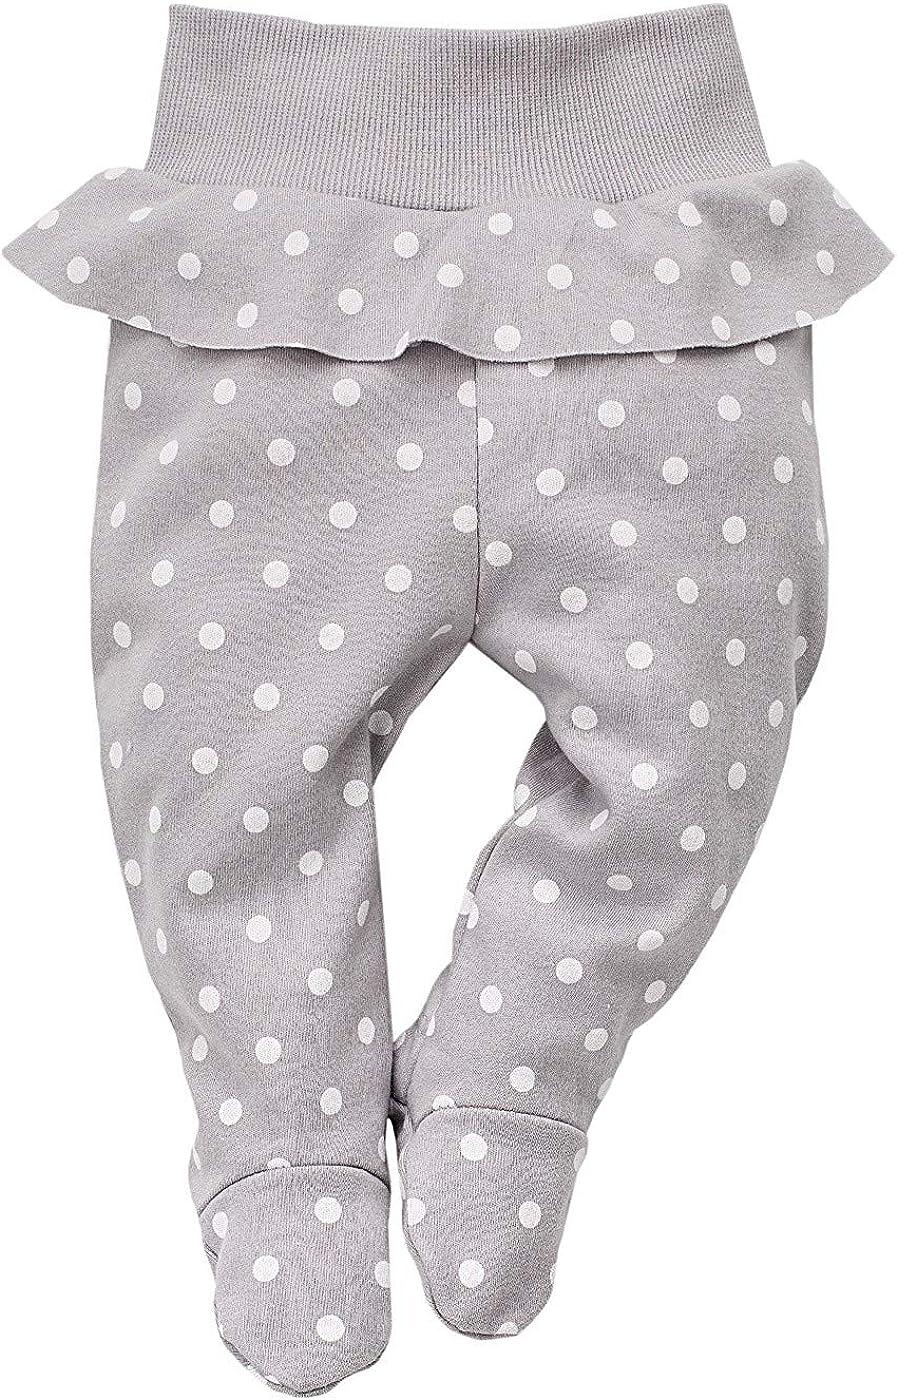 Baby Neugeborene Hose Baumwolle Einhorn Kollektion Pinokio elastischer Bund mit F/ü/ßchen rosa mit Sternen oder grau gepunktet; Bedruckt M/ädchen Jogginghose Leggings Schlafhose